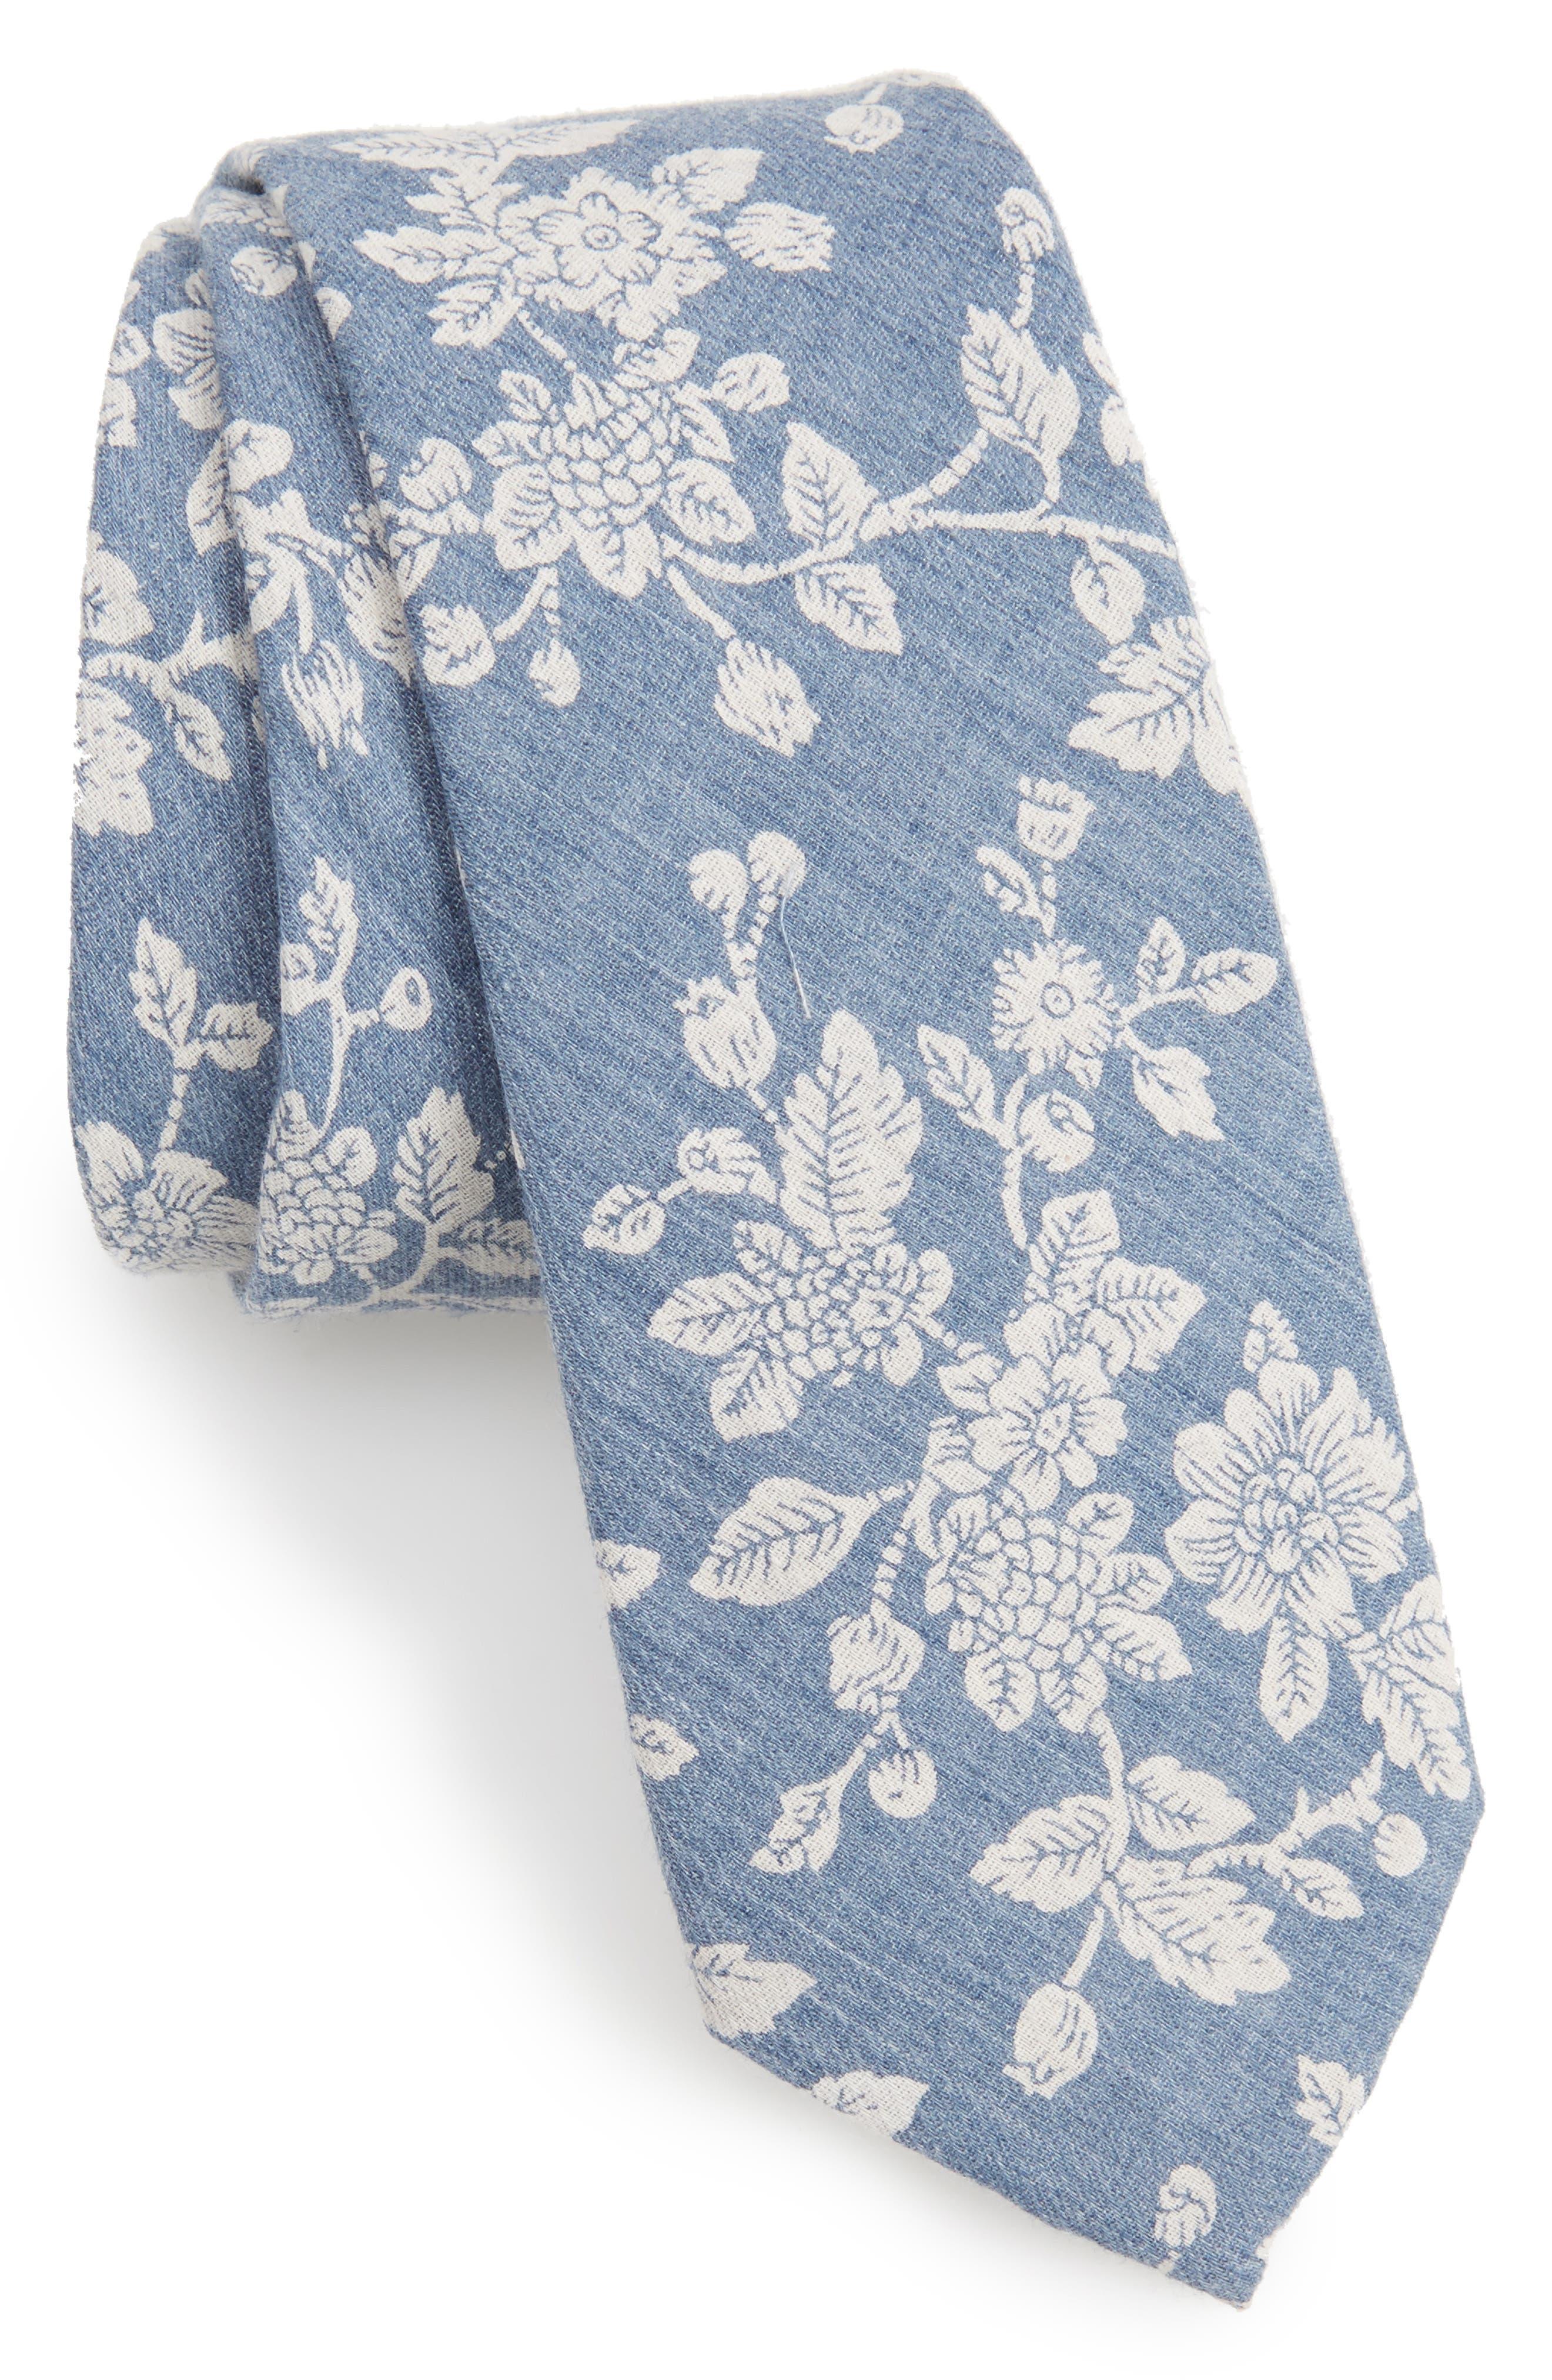 Alternate Image 1 Selected - Nordstrom Men's Shop Floral Cotton Skinny Tie